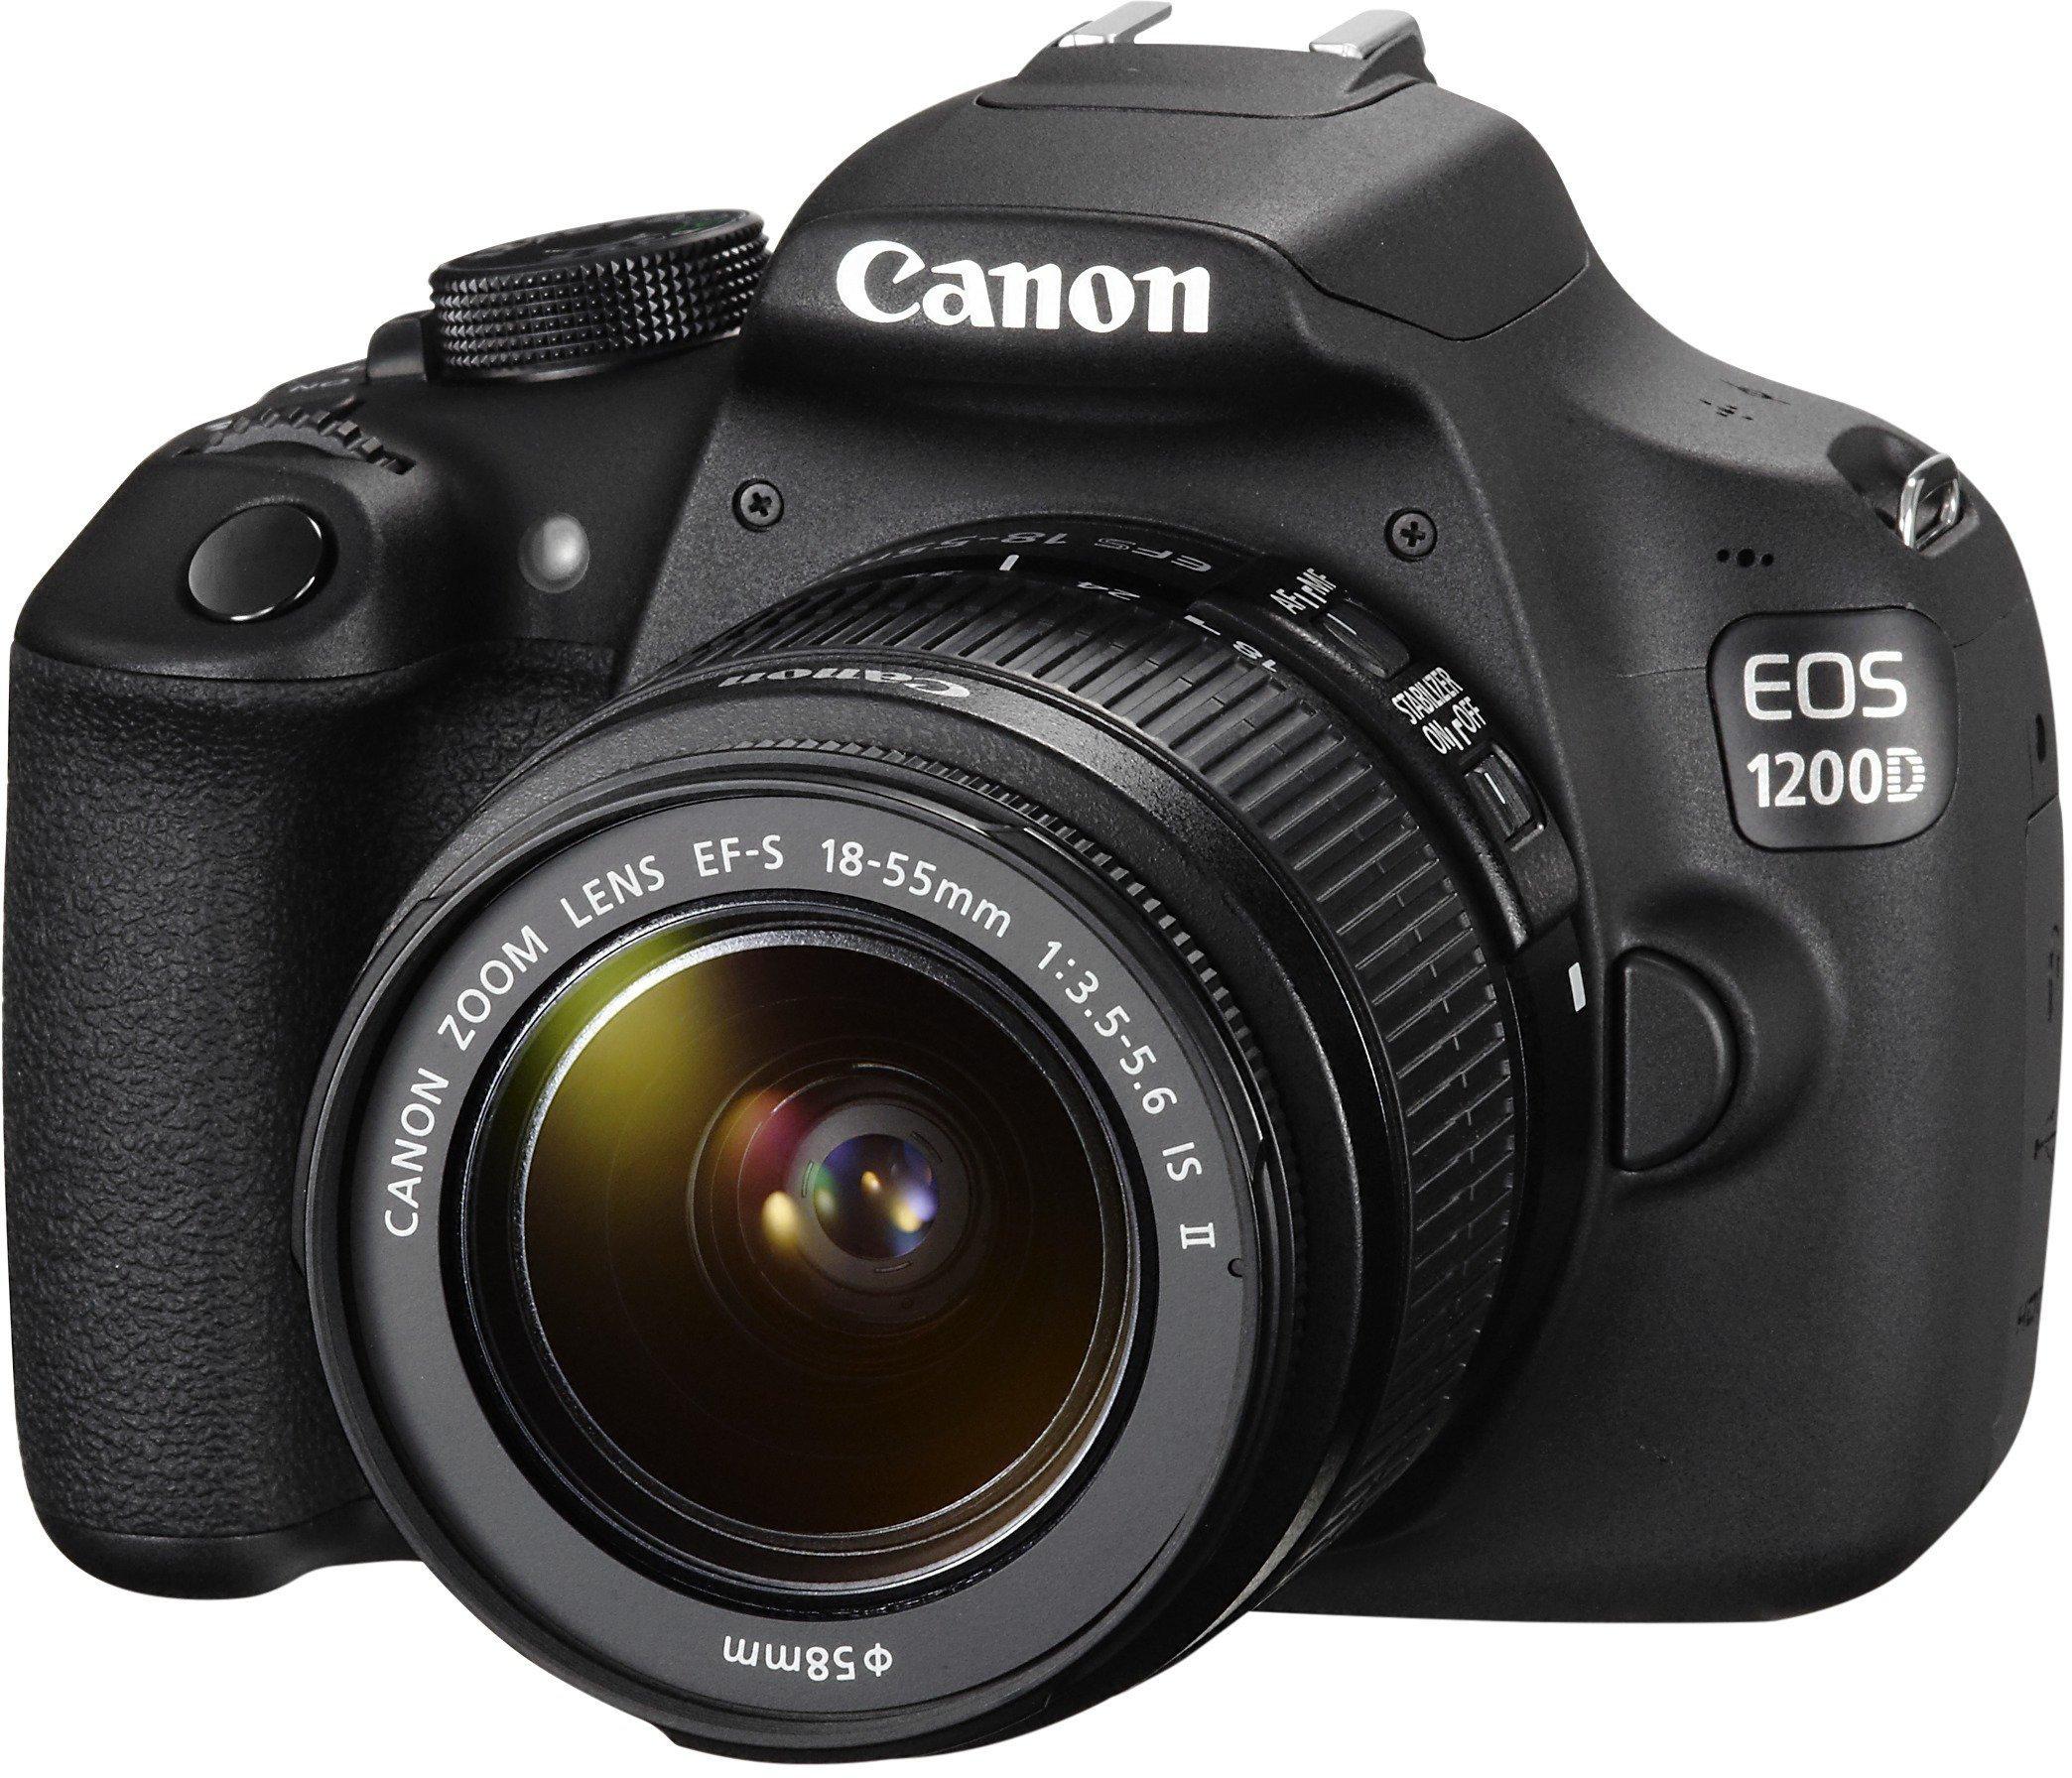 cedb29ae7c9cd0 Canon EOS 1200D Fotocamera Reflex Digitale, 18 Megapixel, Obiettivo EF-S 18-